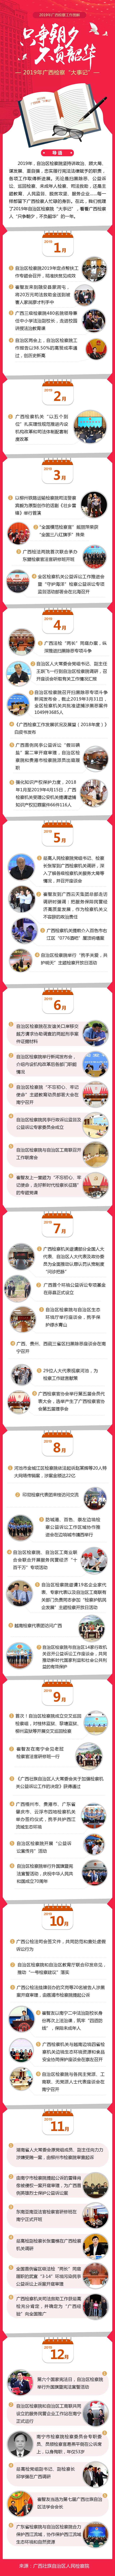 """只争朝夕 不负韶华――2019年广西检察""""大事记"""""""